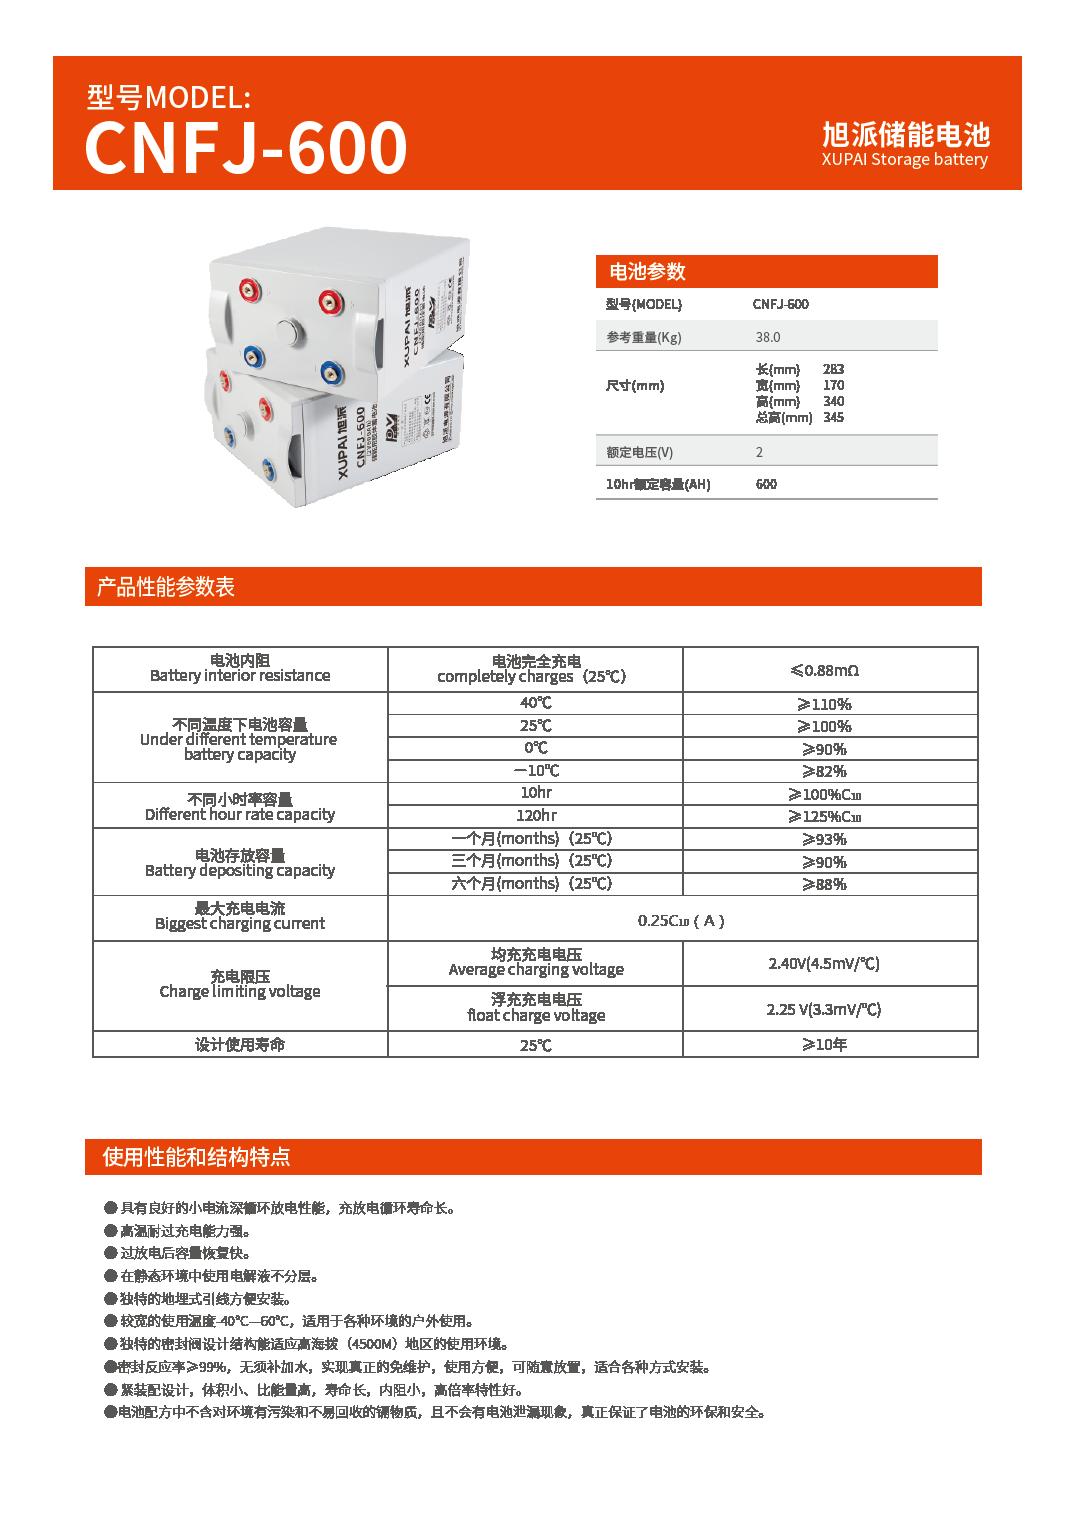 CNFJ-600-01.png